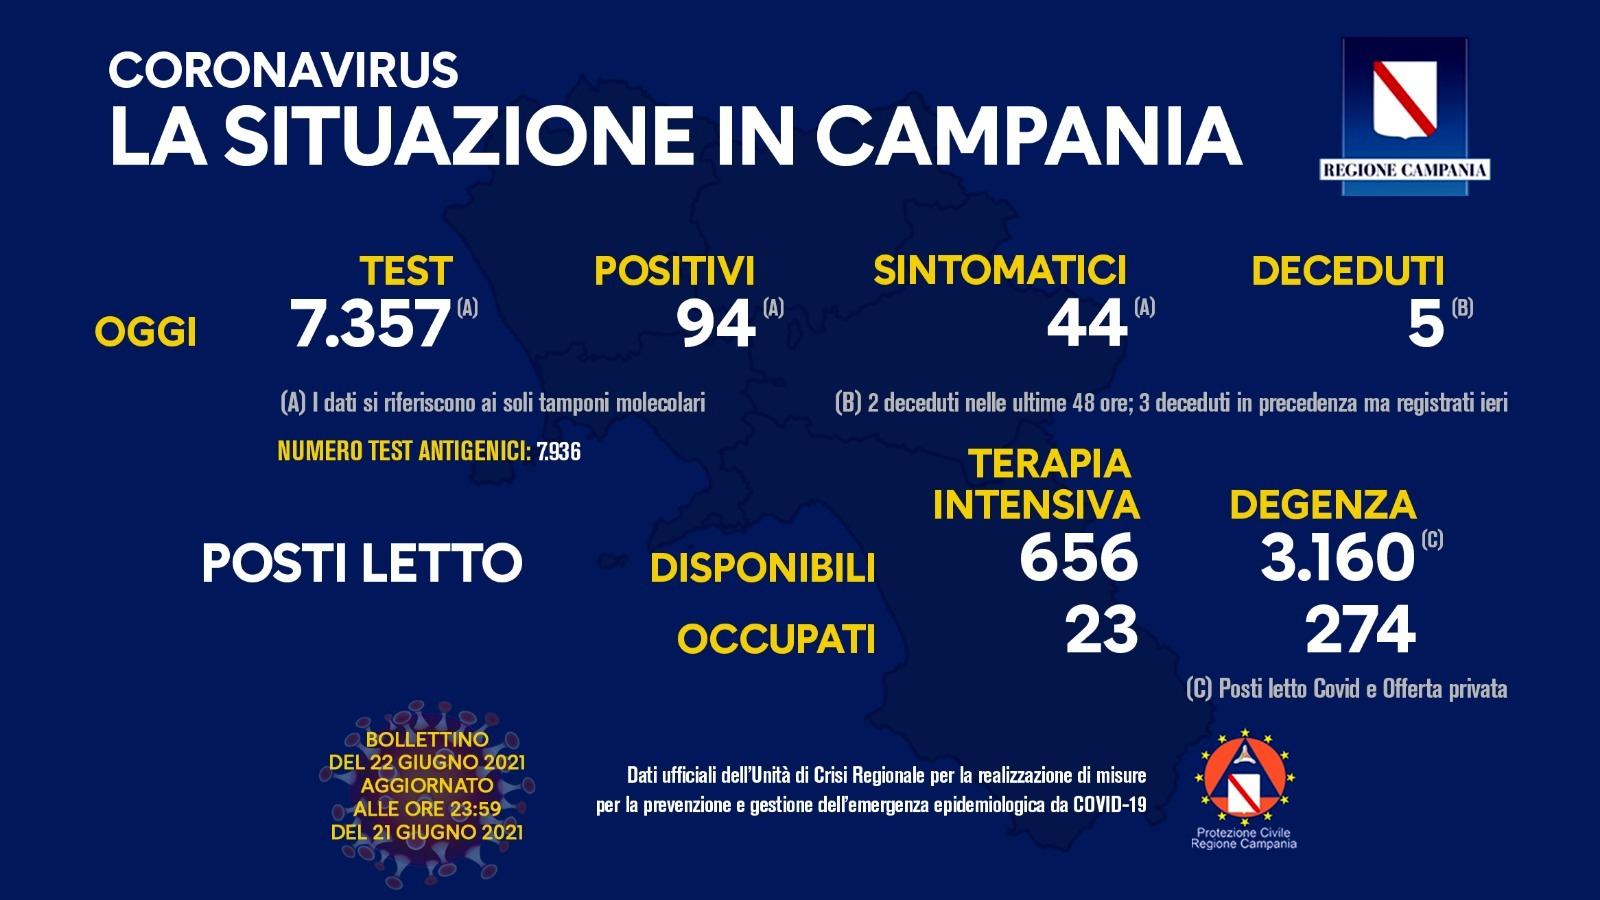 Coronavirus in Campania, i dati del 21 giugno: 94 positivi